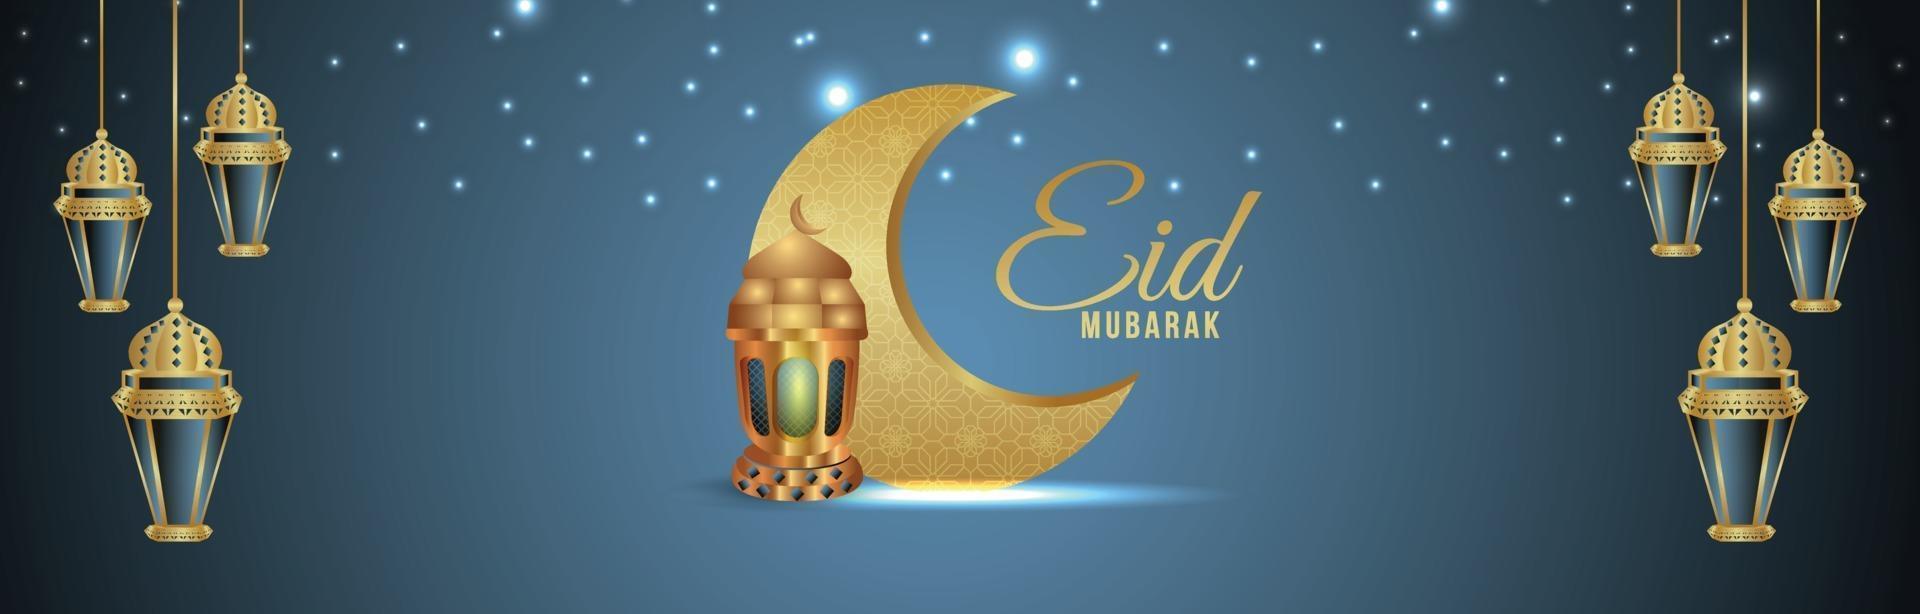 eid mubarak celebrazione biglietto di auguri con illustrazione vettoriale creativo